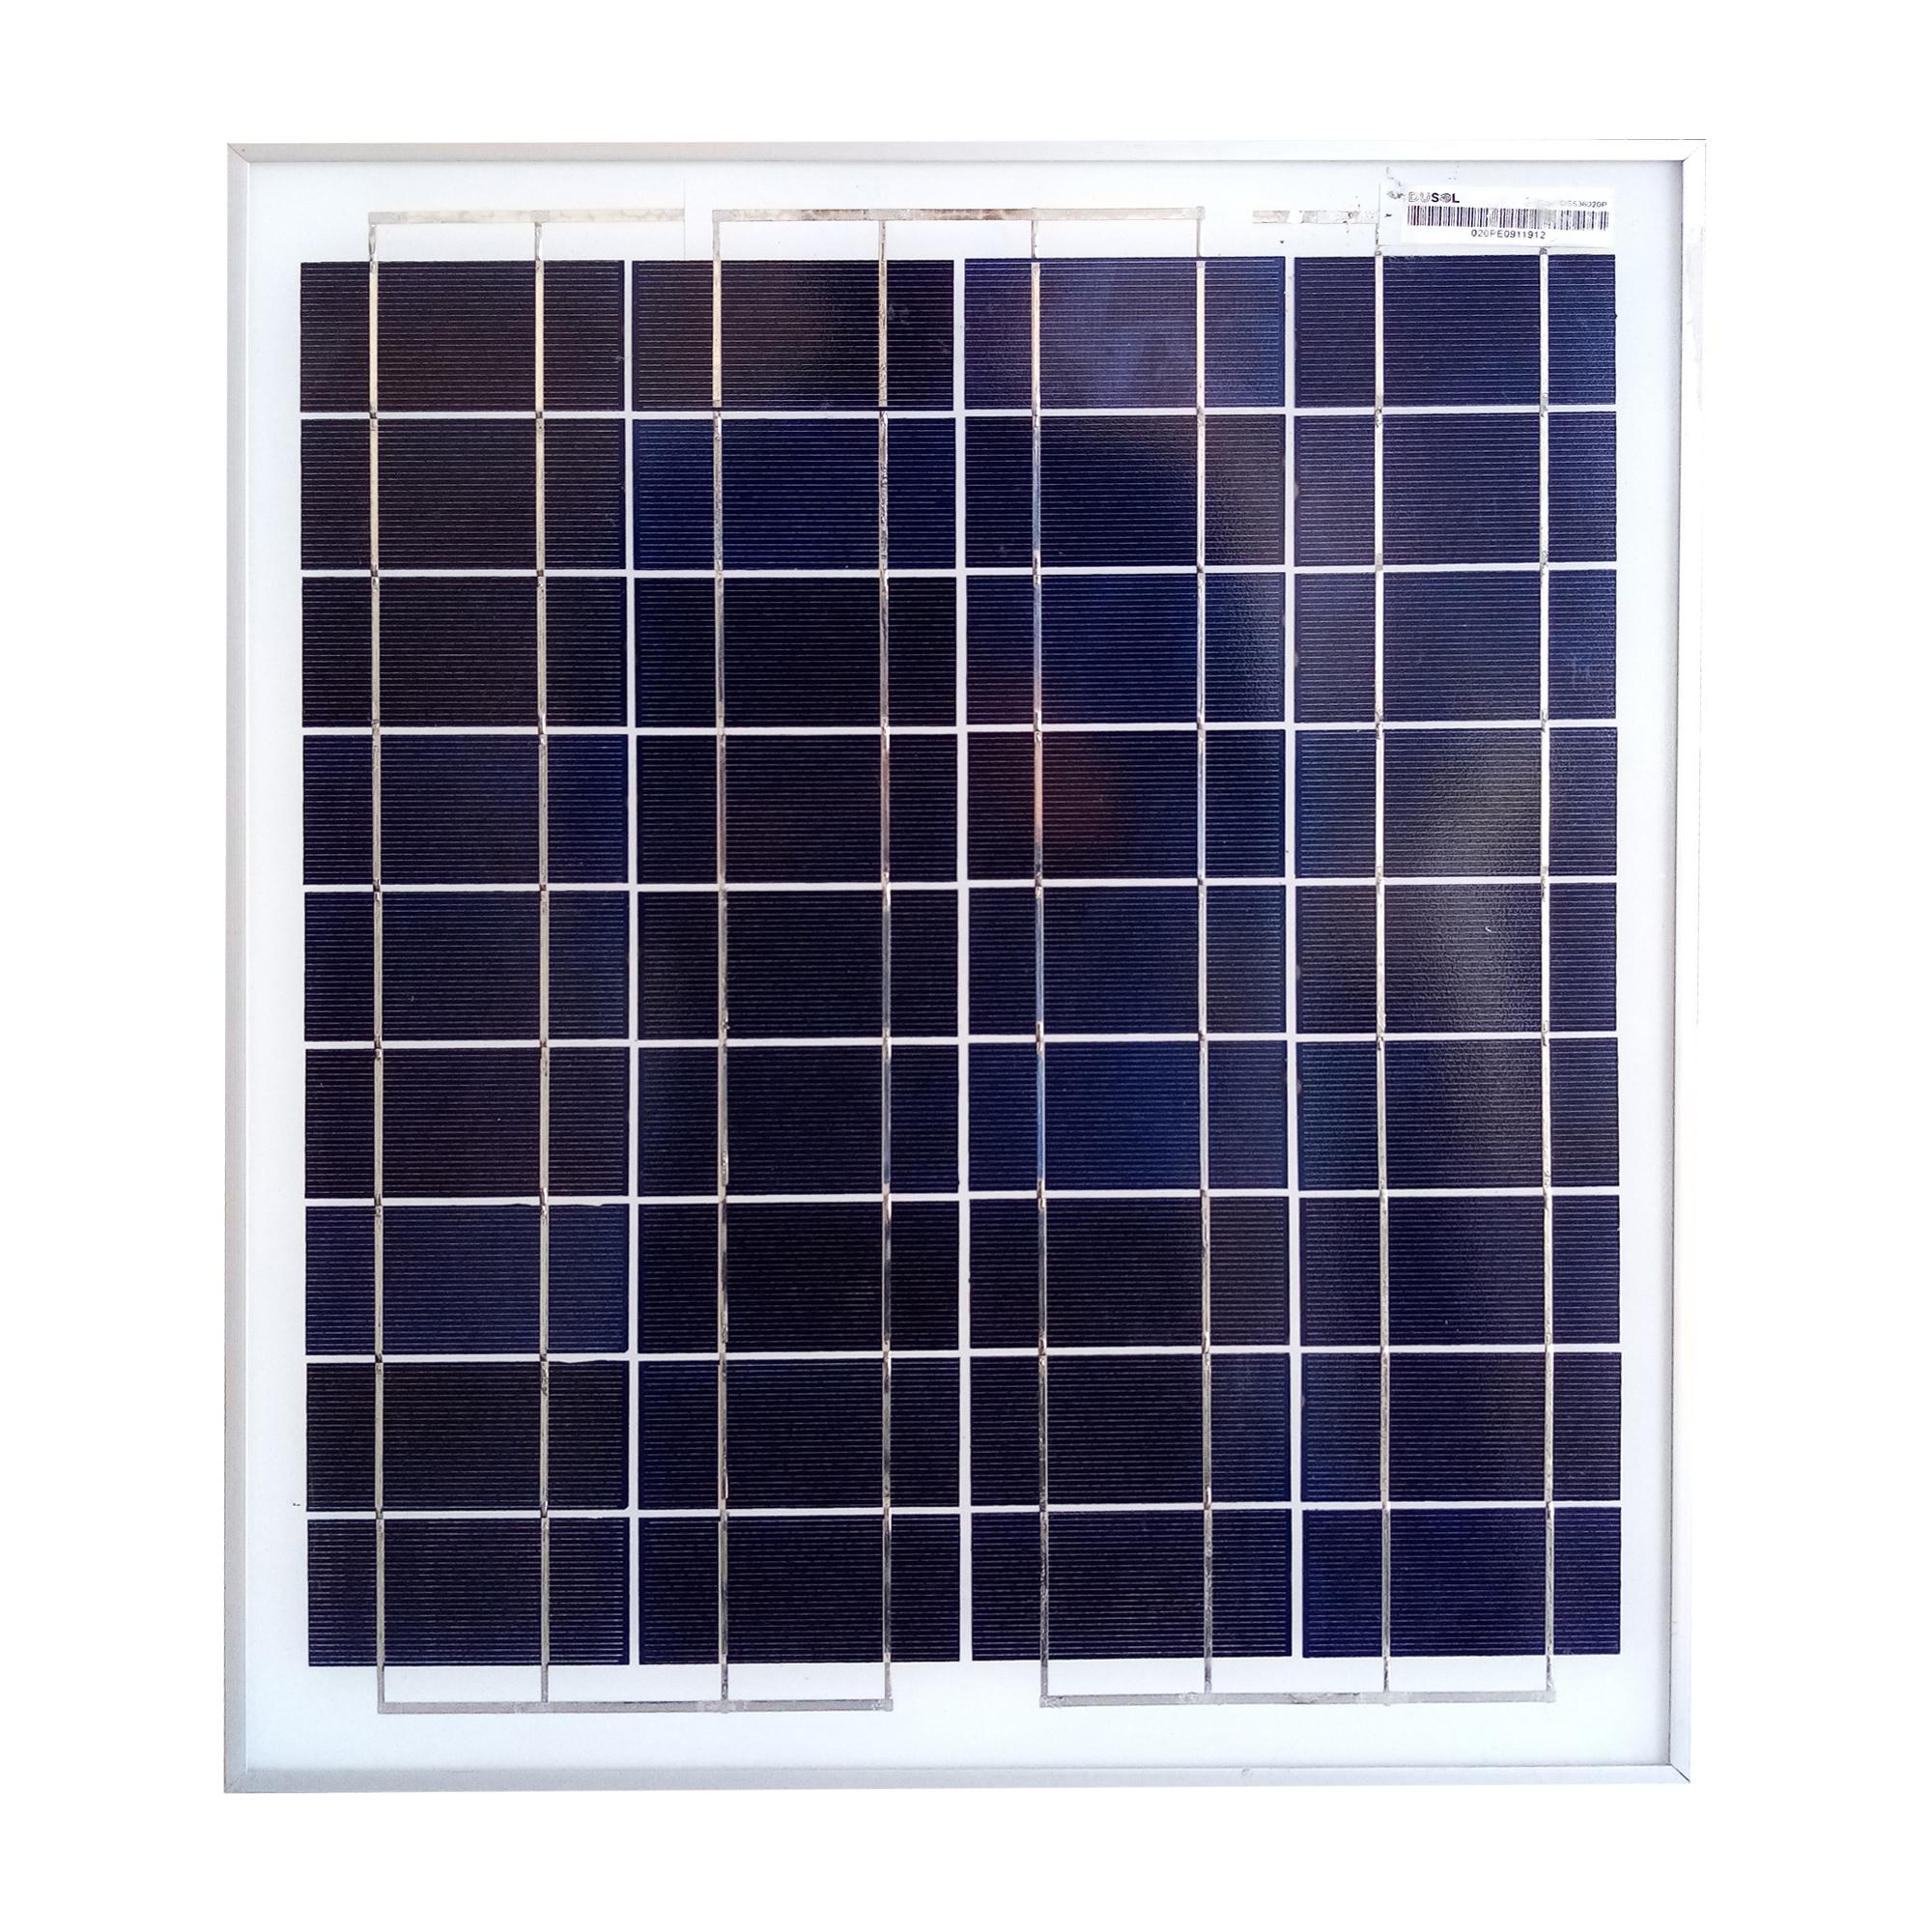 پنل خورشیدی داسول مدل Du-20w ظرفیت 20 وات